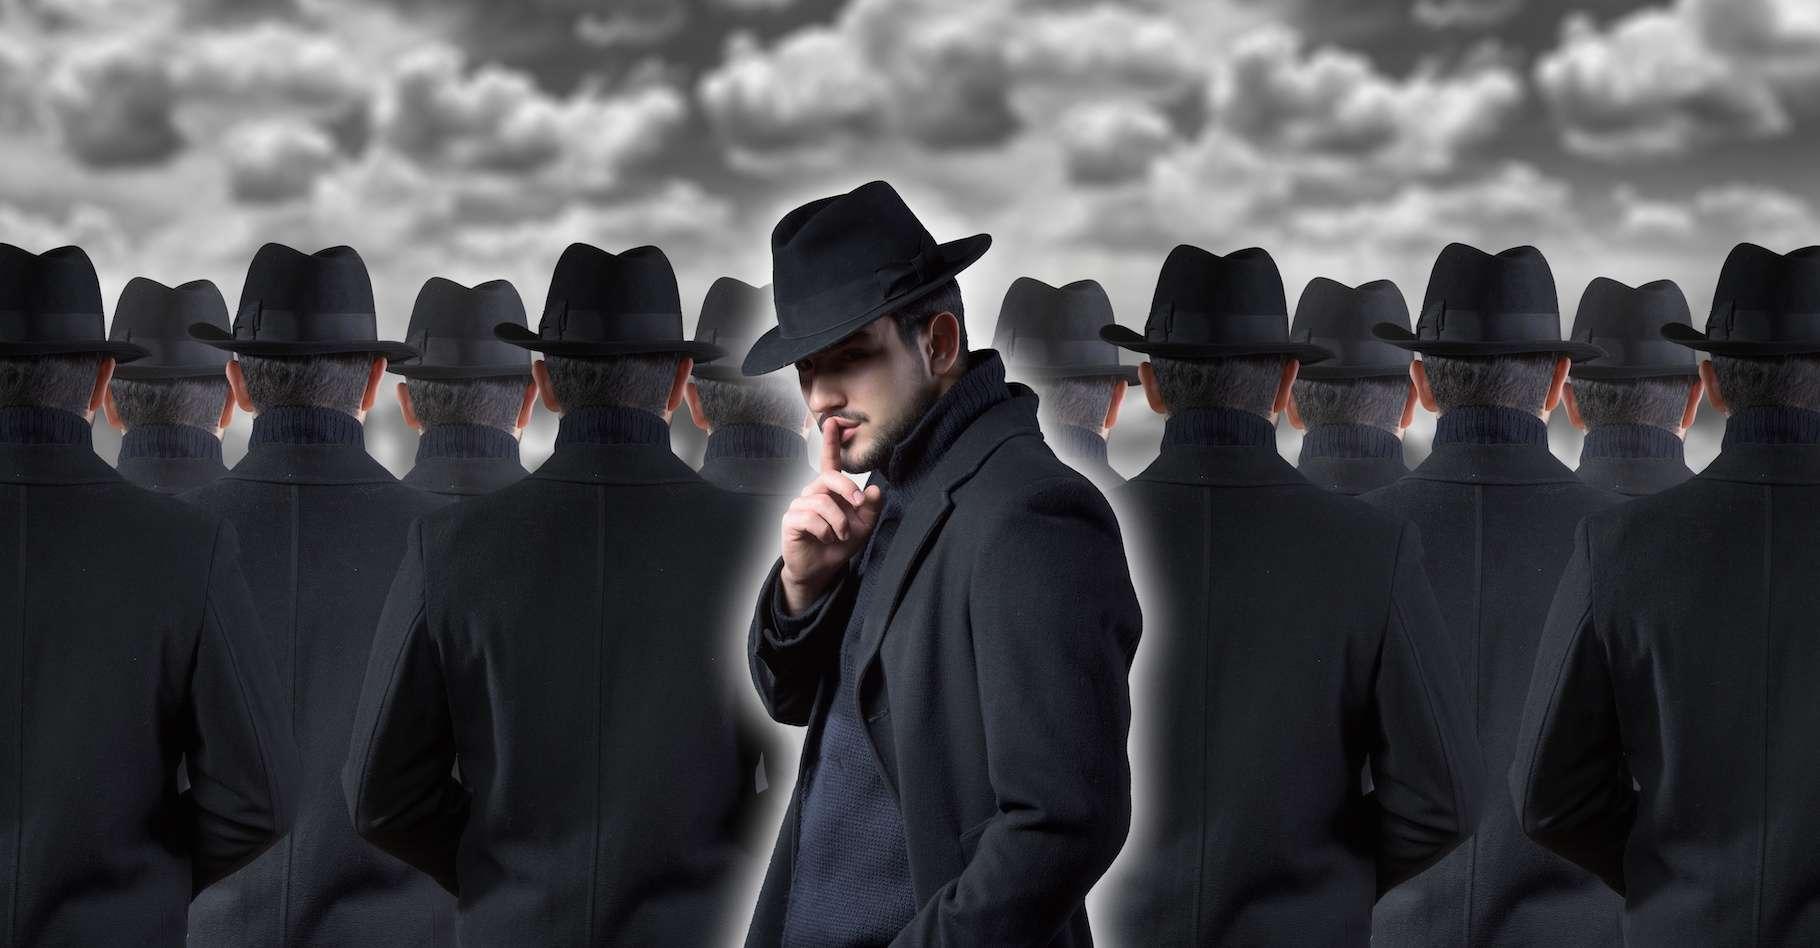 """Chrétiens : Ne pas porter foi à toutes ces """"théories du complot"""" ? 31284f9836_50157670_theorie-complot-reddit"""